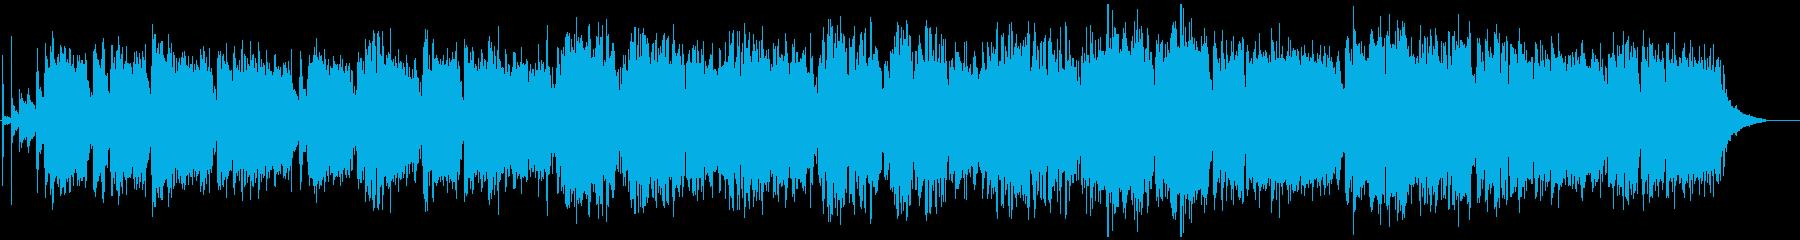 心地よいシンセのメロディージャズの再生済みの波形